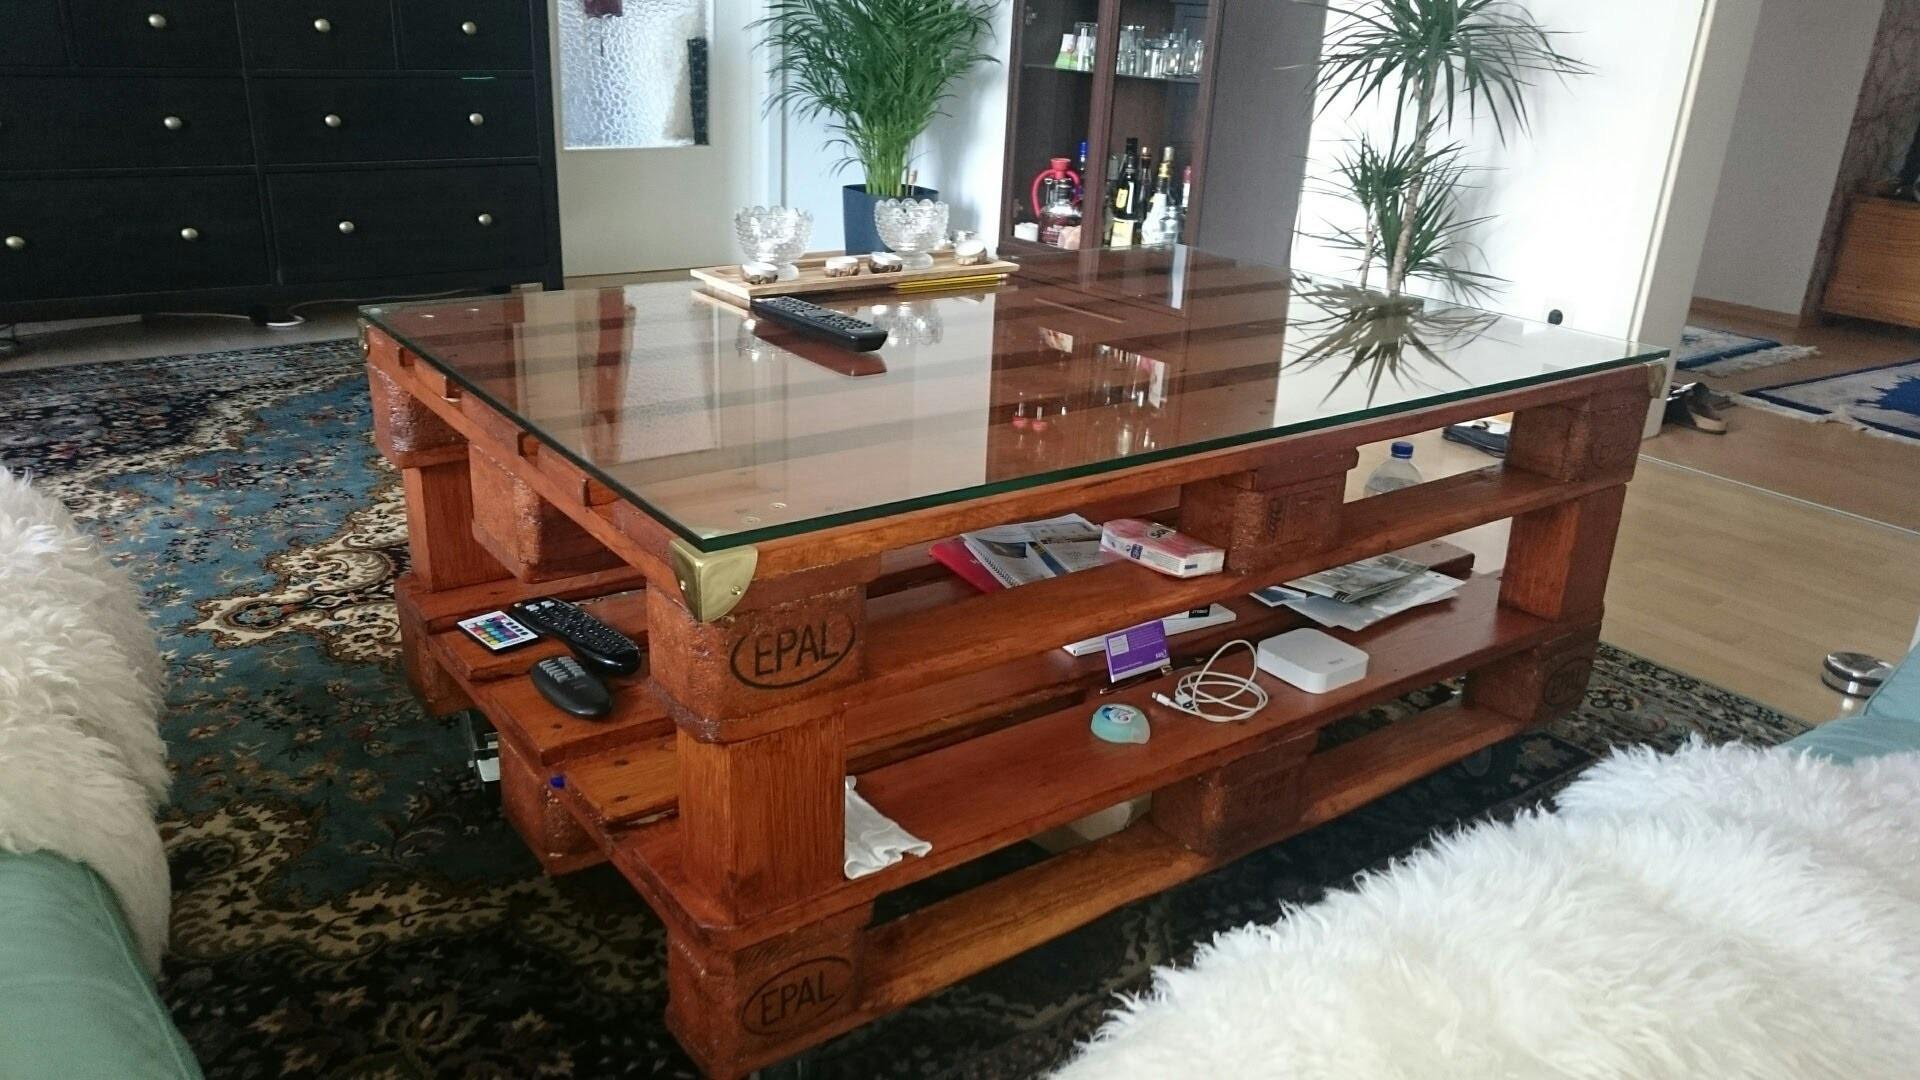 einfache diy anleitung f r einen stabilen couchtisch aus europaletten mit glasplatte zum nachbauen. Black Bedroom Furniture Sets. Home Design Ideas